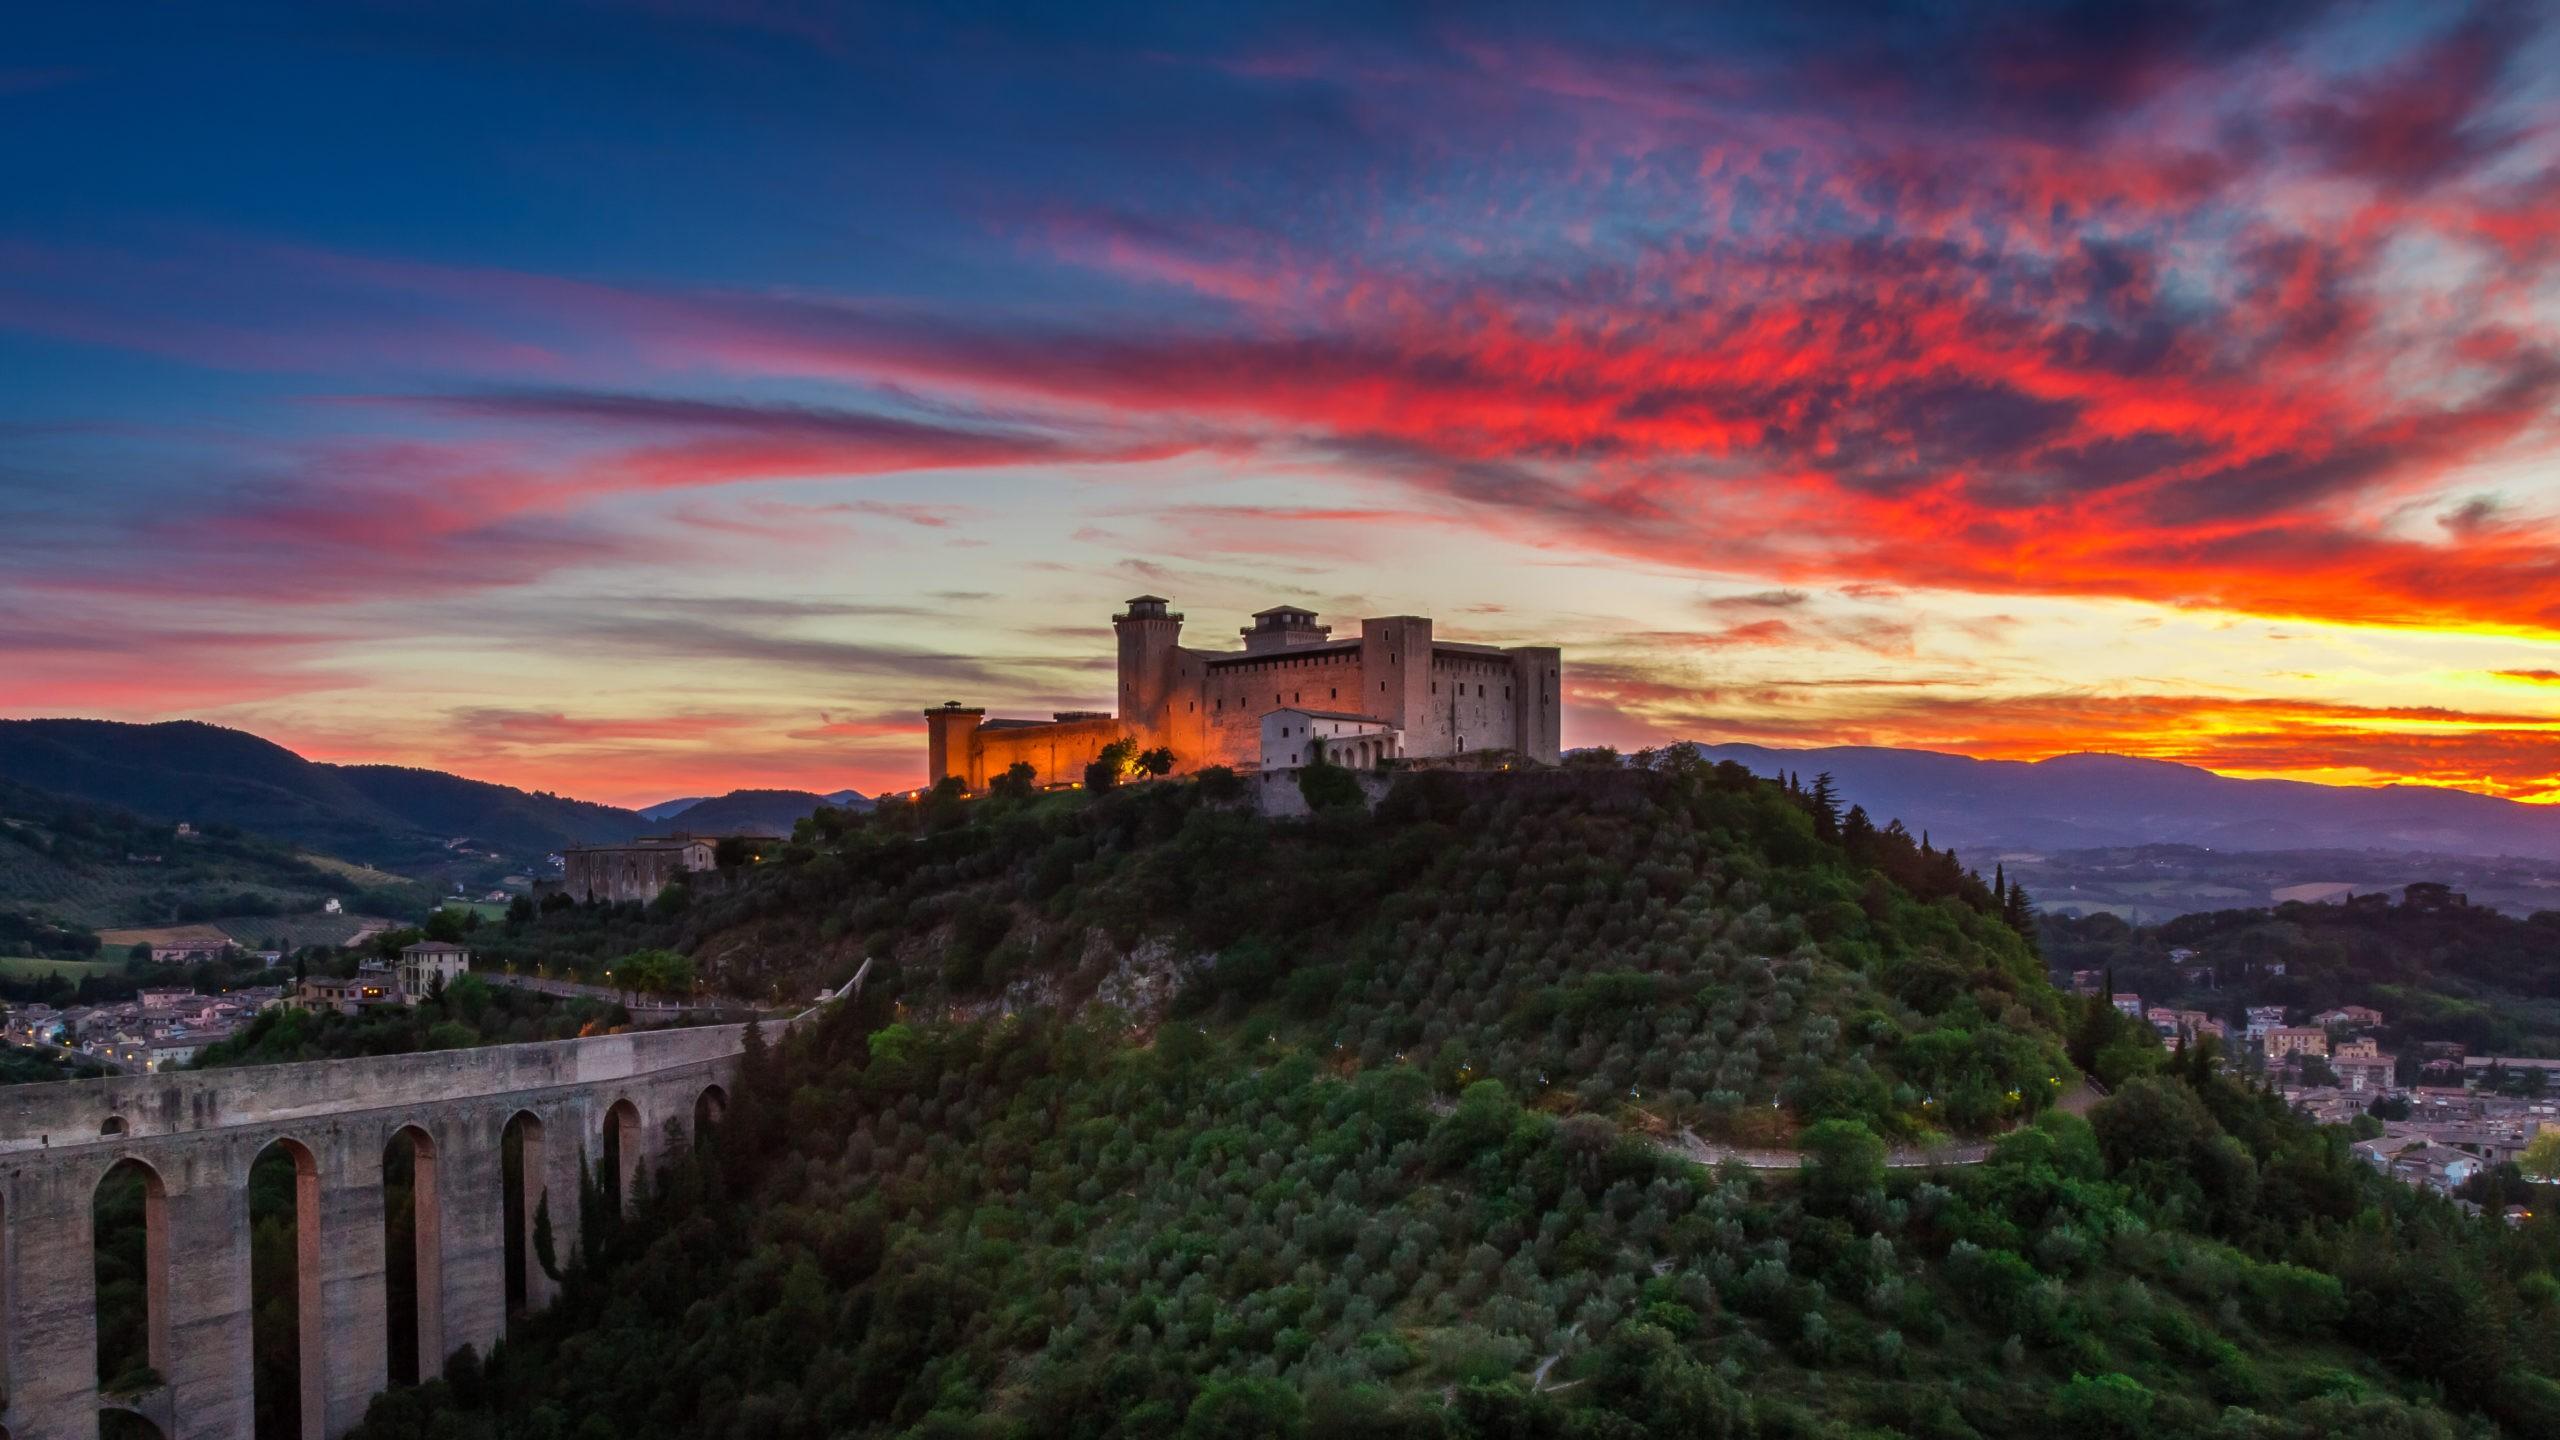 Zamek w Spoleto o zachodzie słońca, fot. shutterstock